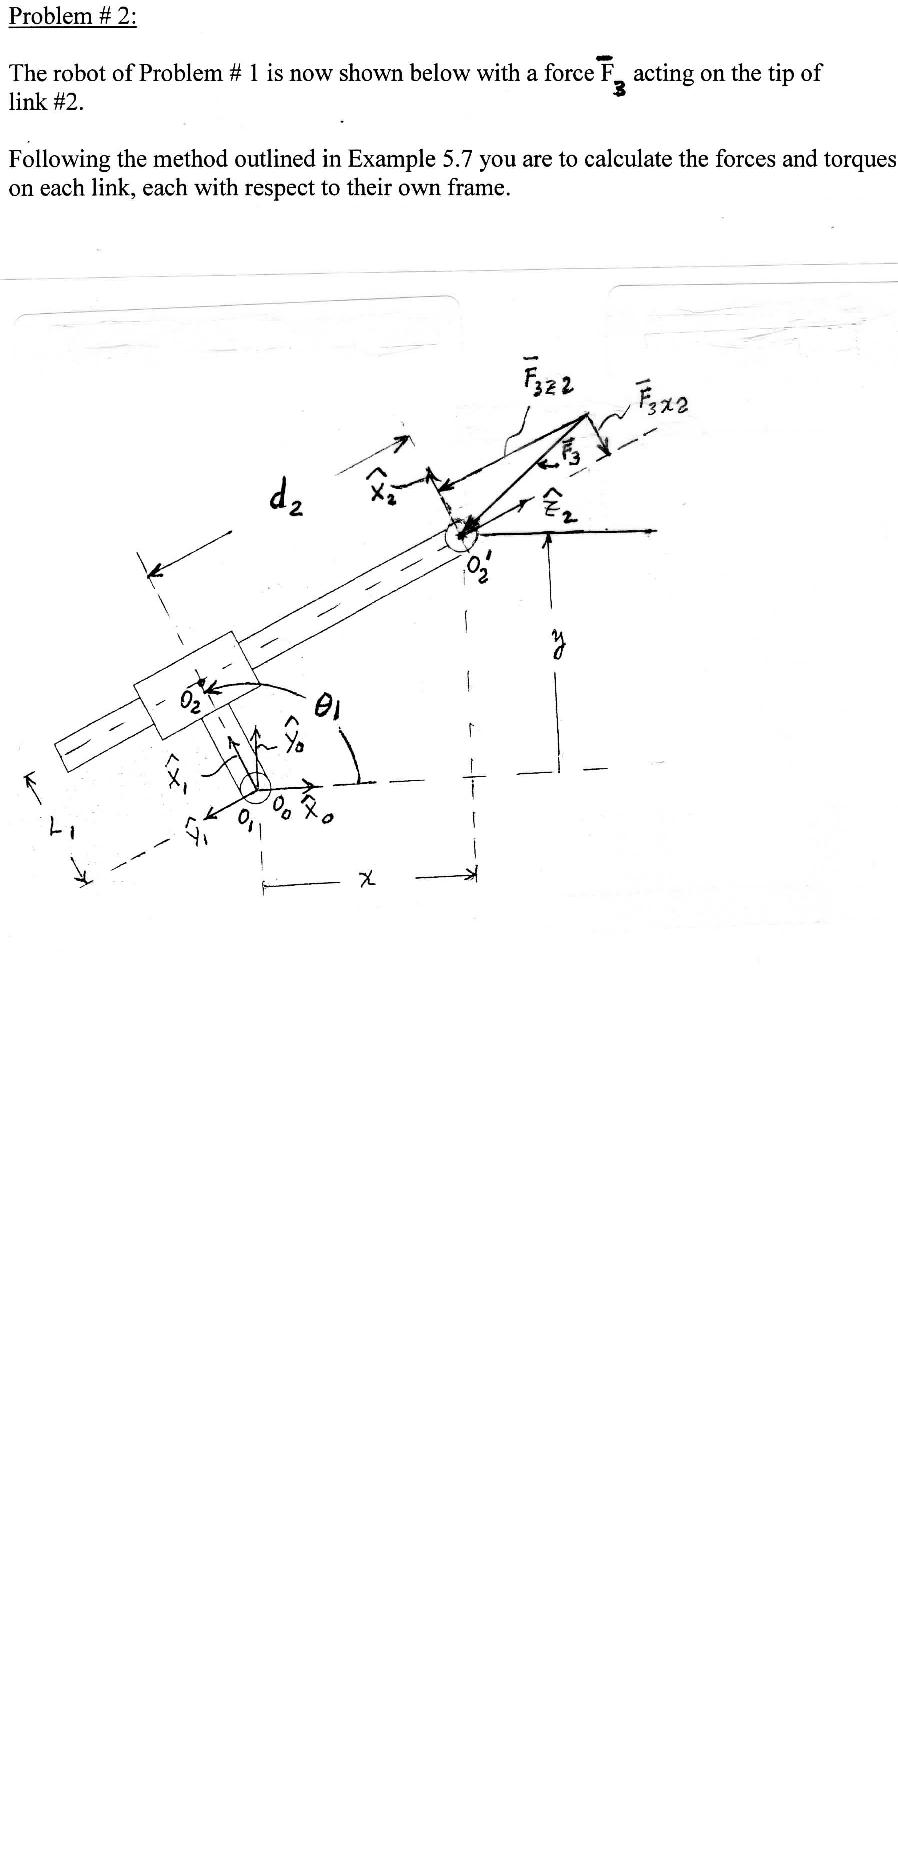 media/8ef/8ef0fa7e-5aab-42b3-a436-73